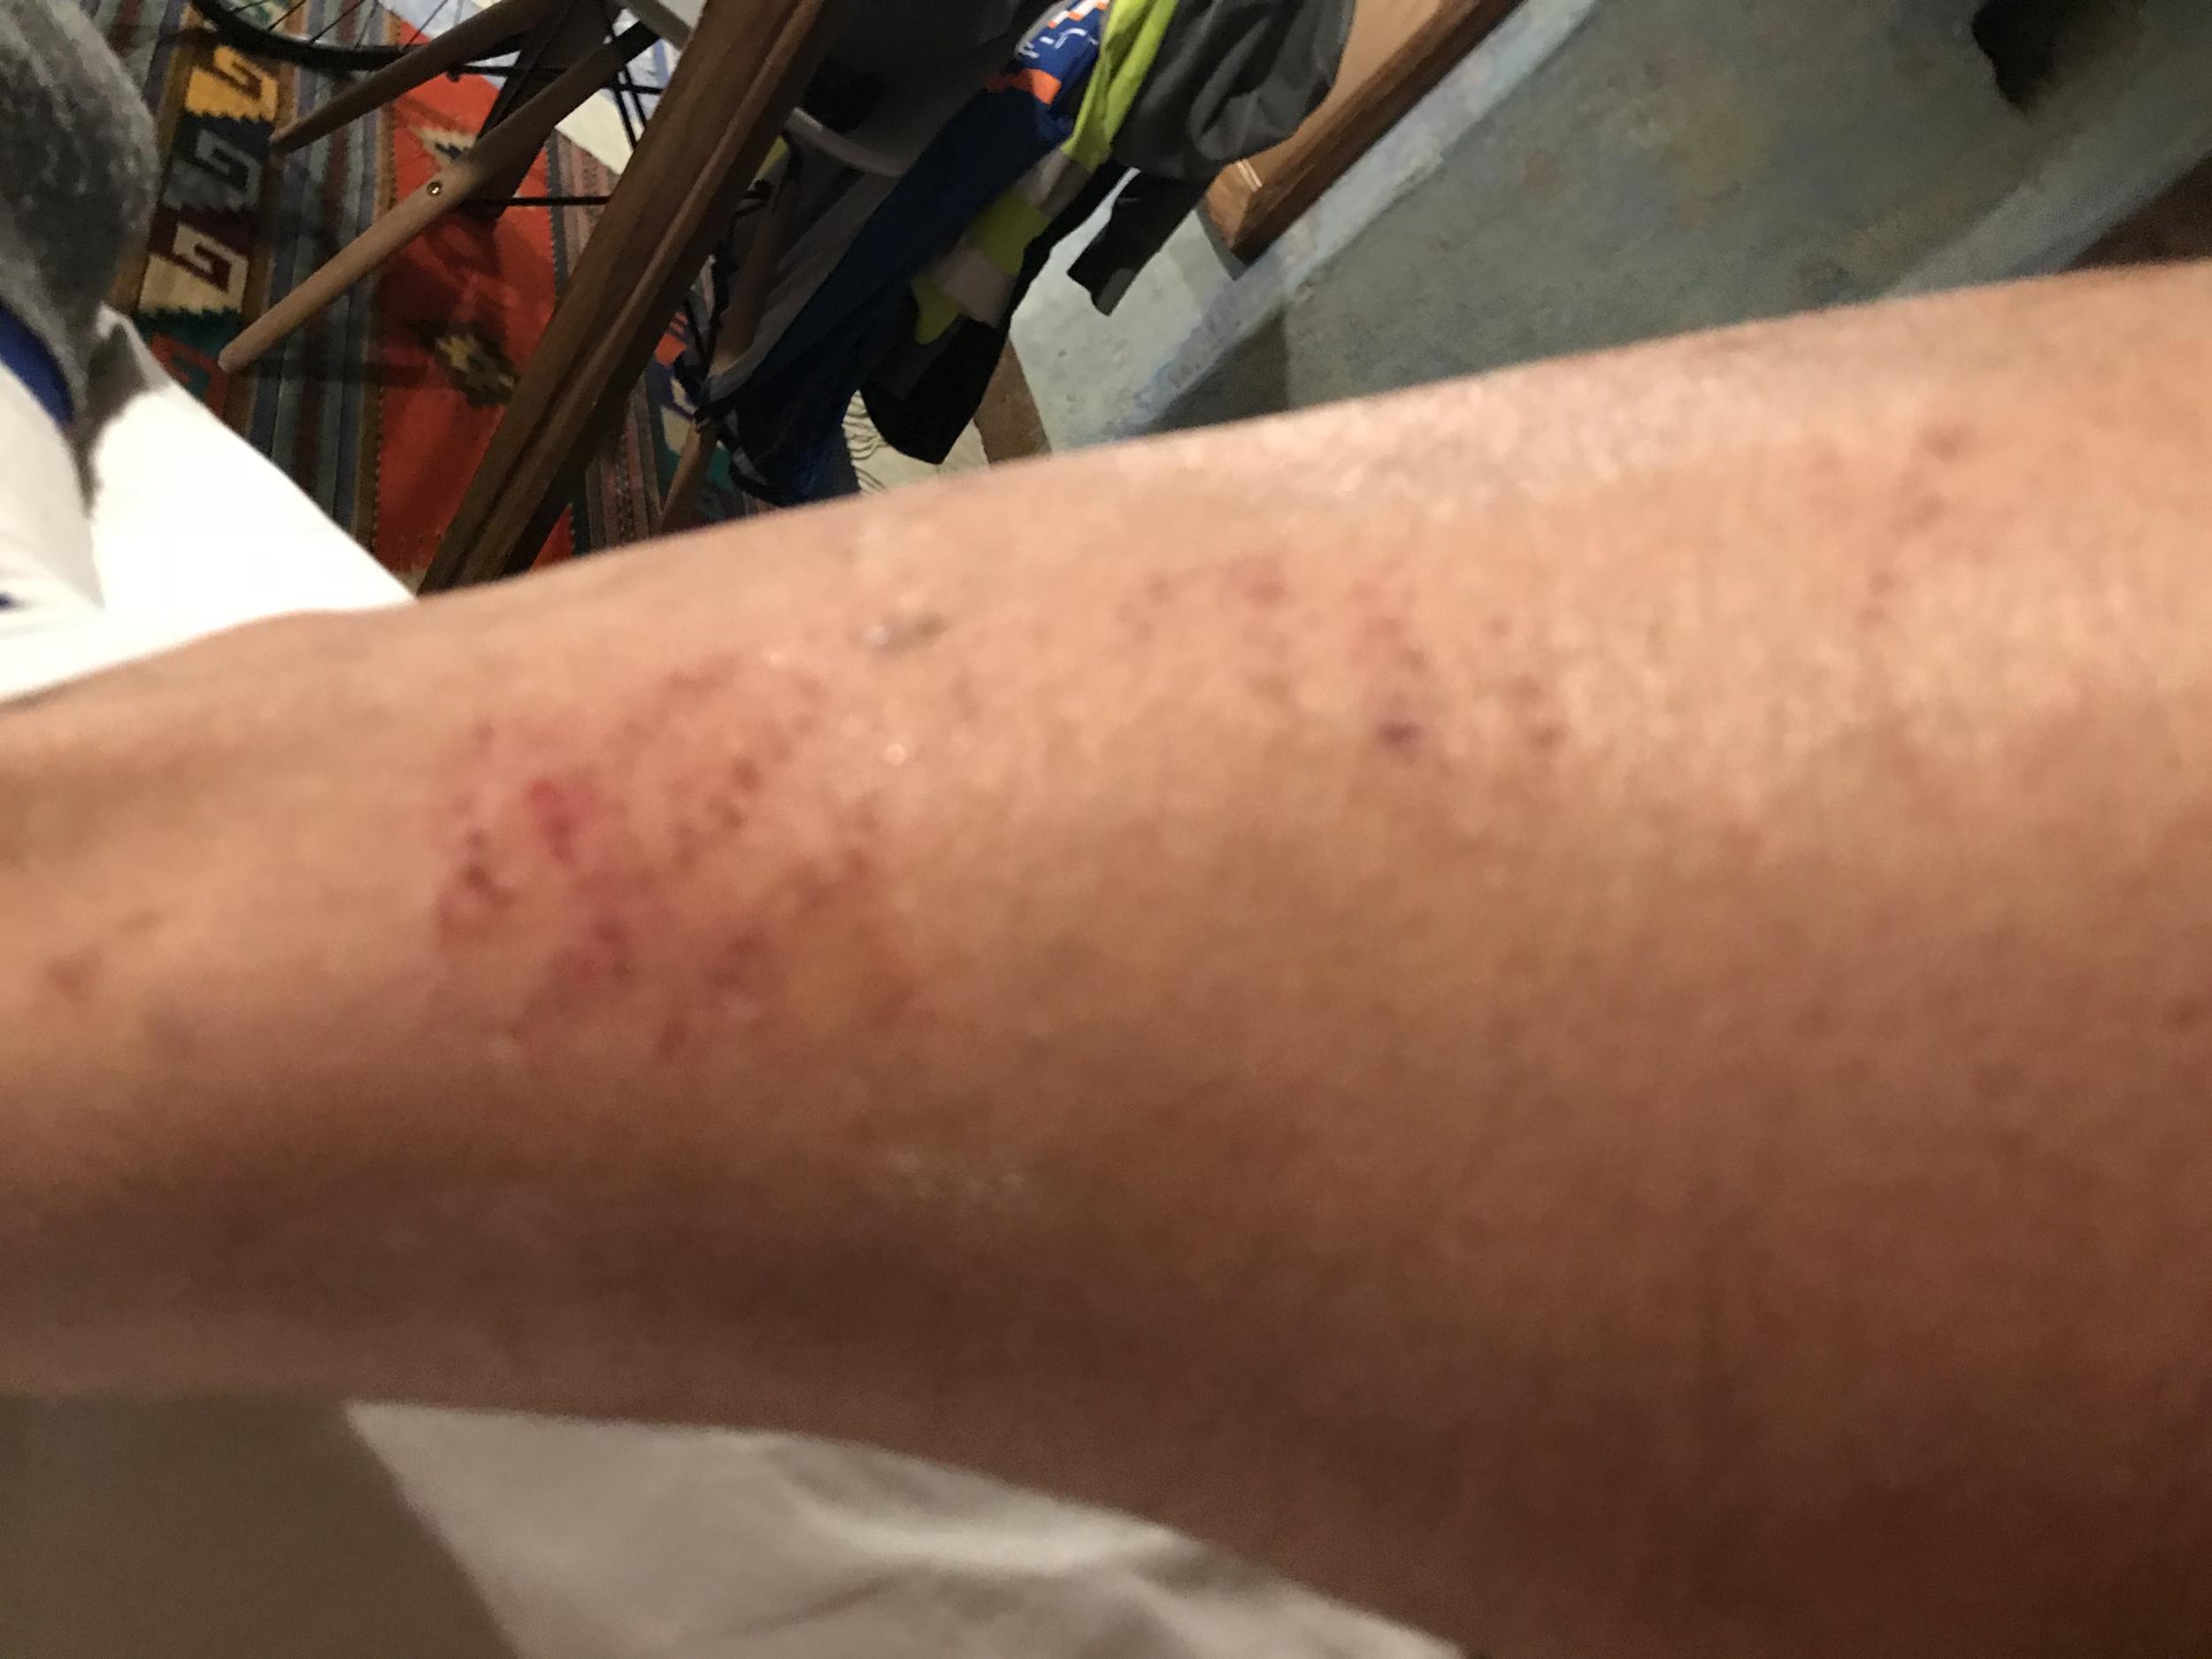 Left scratched leg